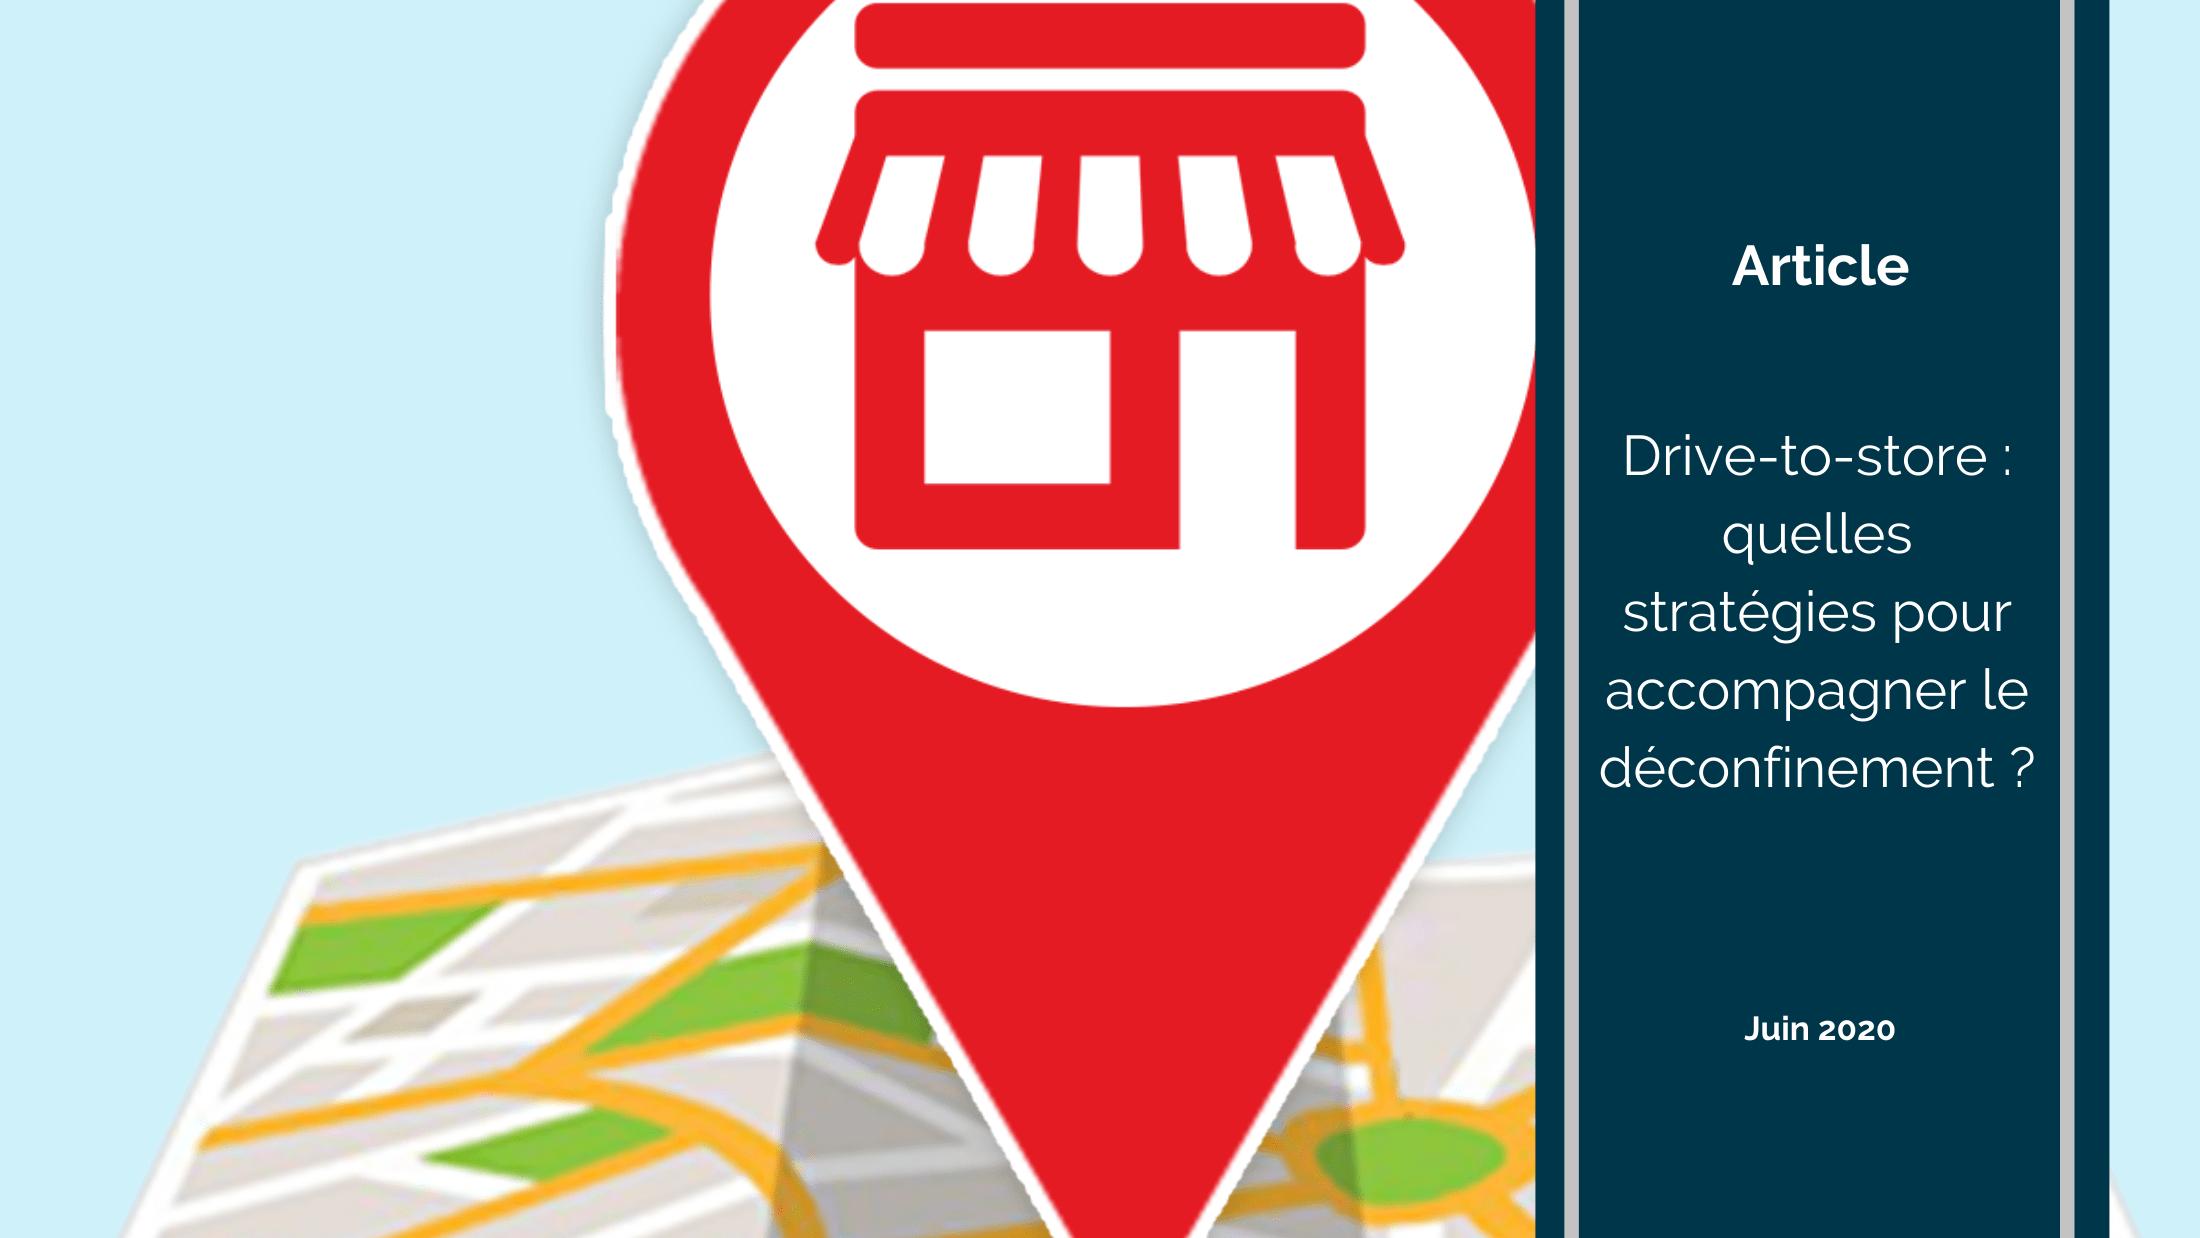 Expérience client 6 - Drive-to-store : quelles stratégies pour accompagner le déconfinement ?